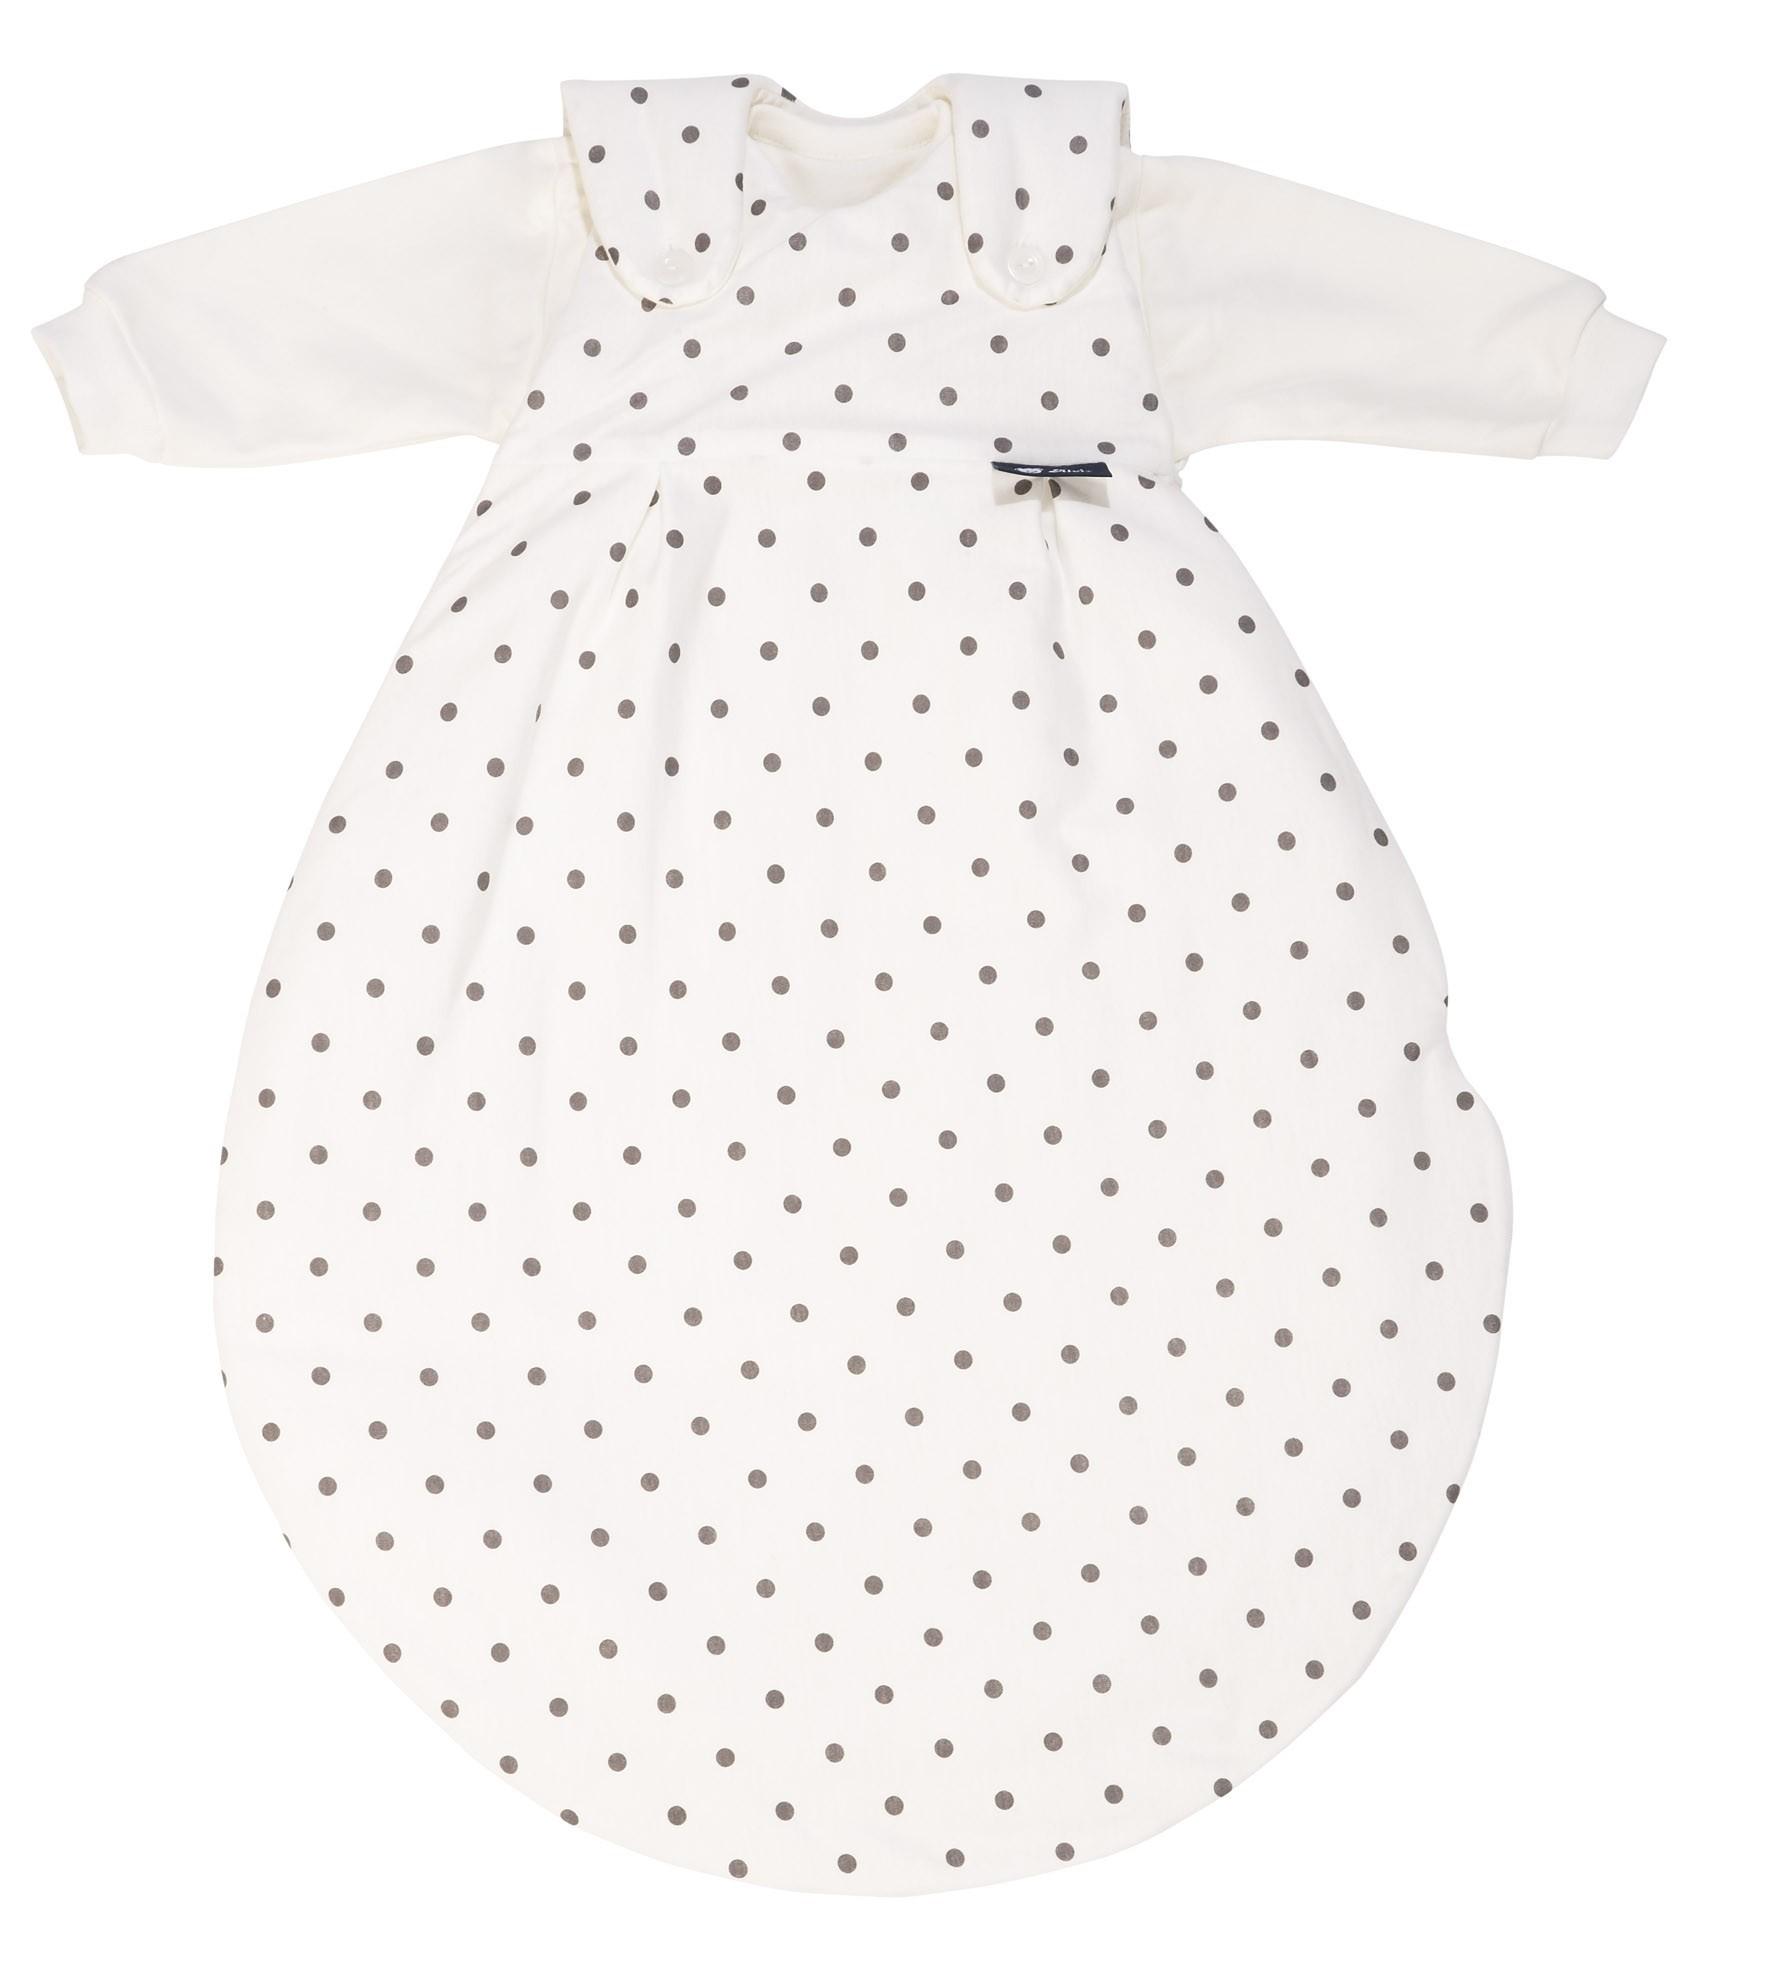 Alvi Baby Mäxchen Schlafsack 68/74 924-9  Dots grau